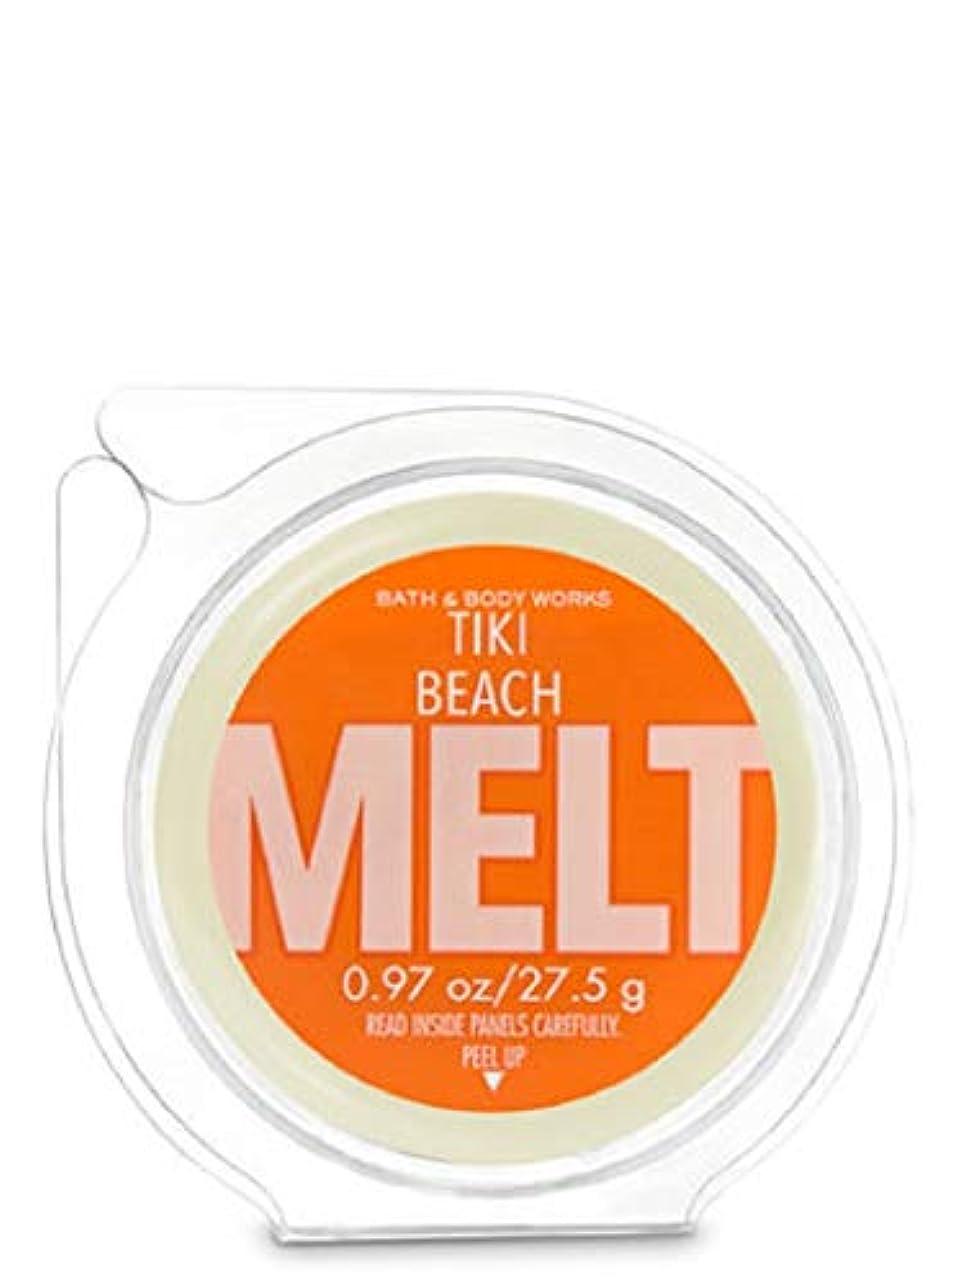 ずっと鉱石ニンニク【Bath&Body Works/バス&ボディワークス】 フレグランスメルト タルト ワックスポプリ ティキビーチ Wax Fragrance Melt Tiki Beach 0.97oz/27.5g